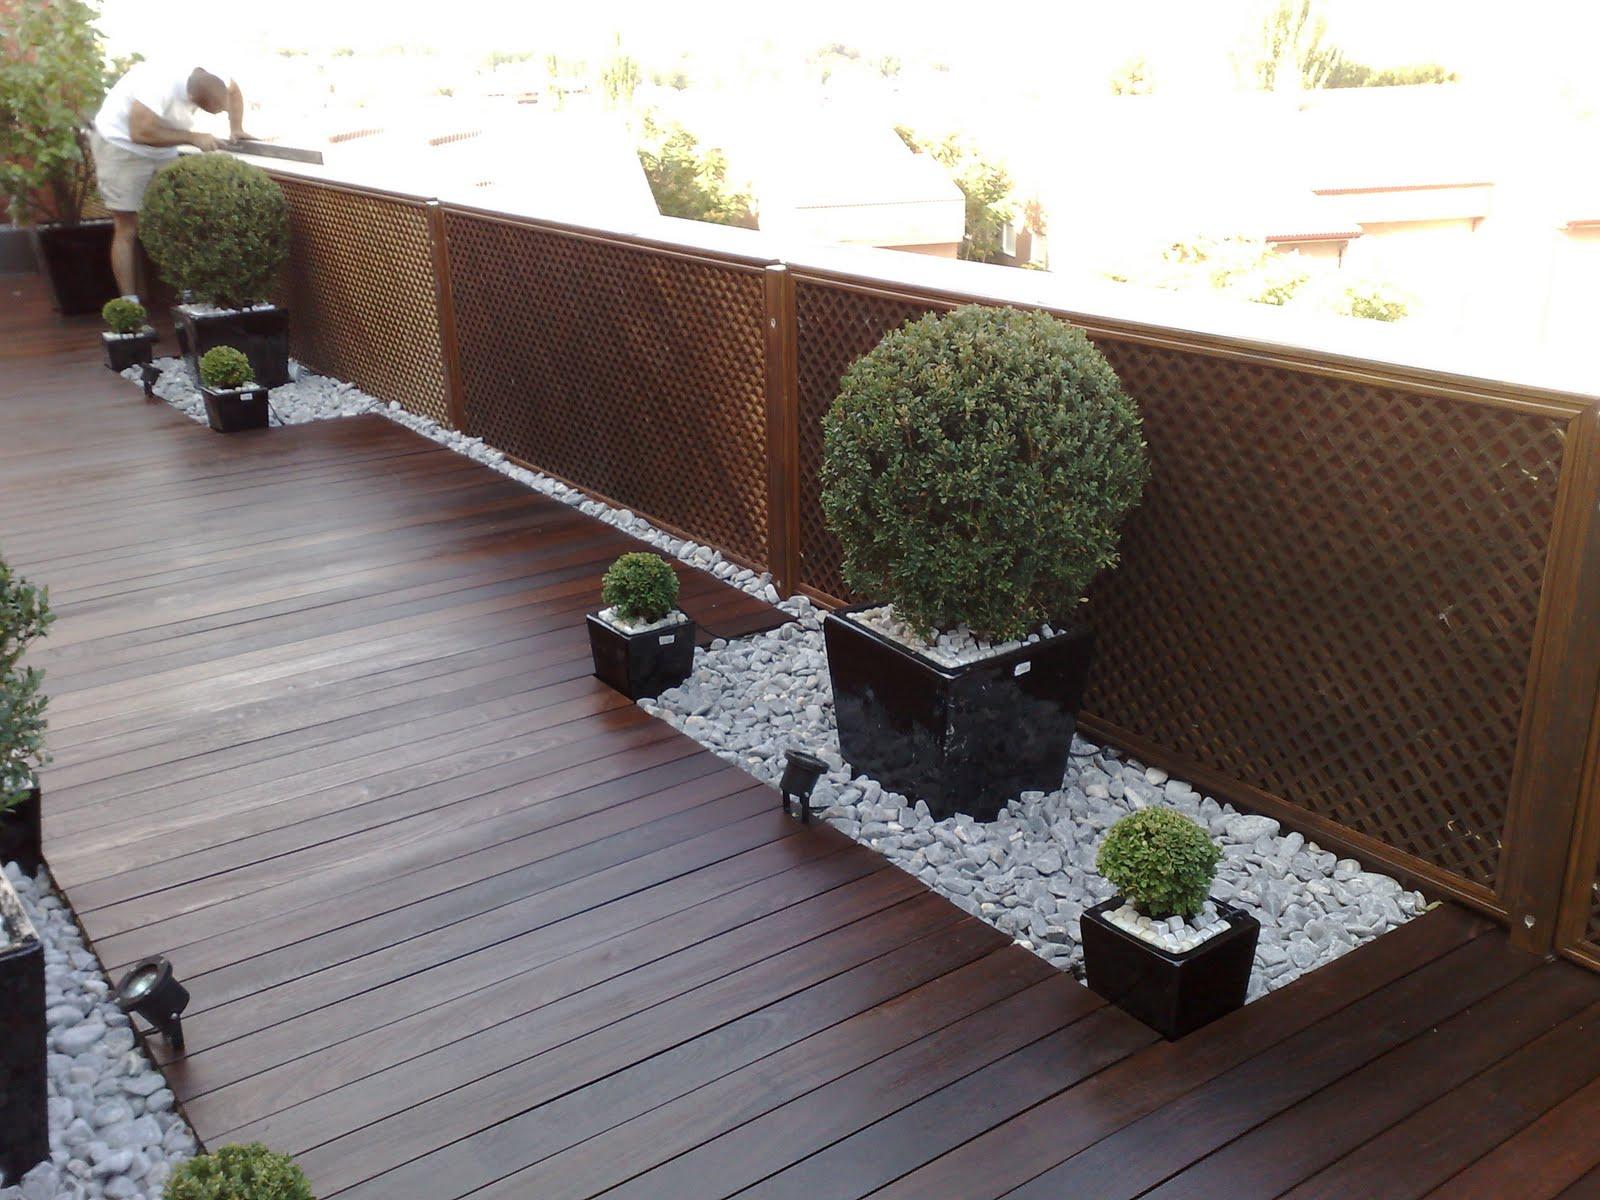 Arte y jardiner a el jard n minimalista urbano ejemplo for Articulos de decoracion para jardines